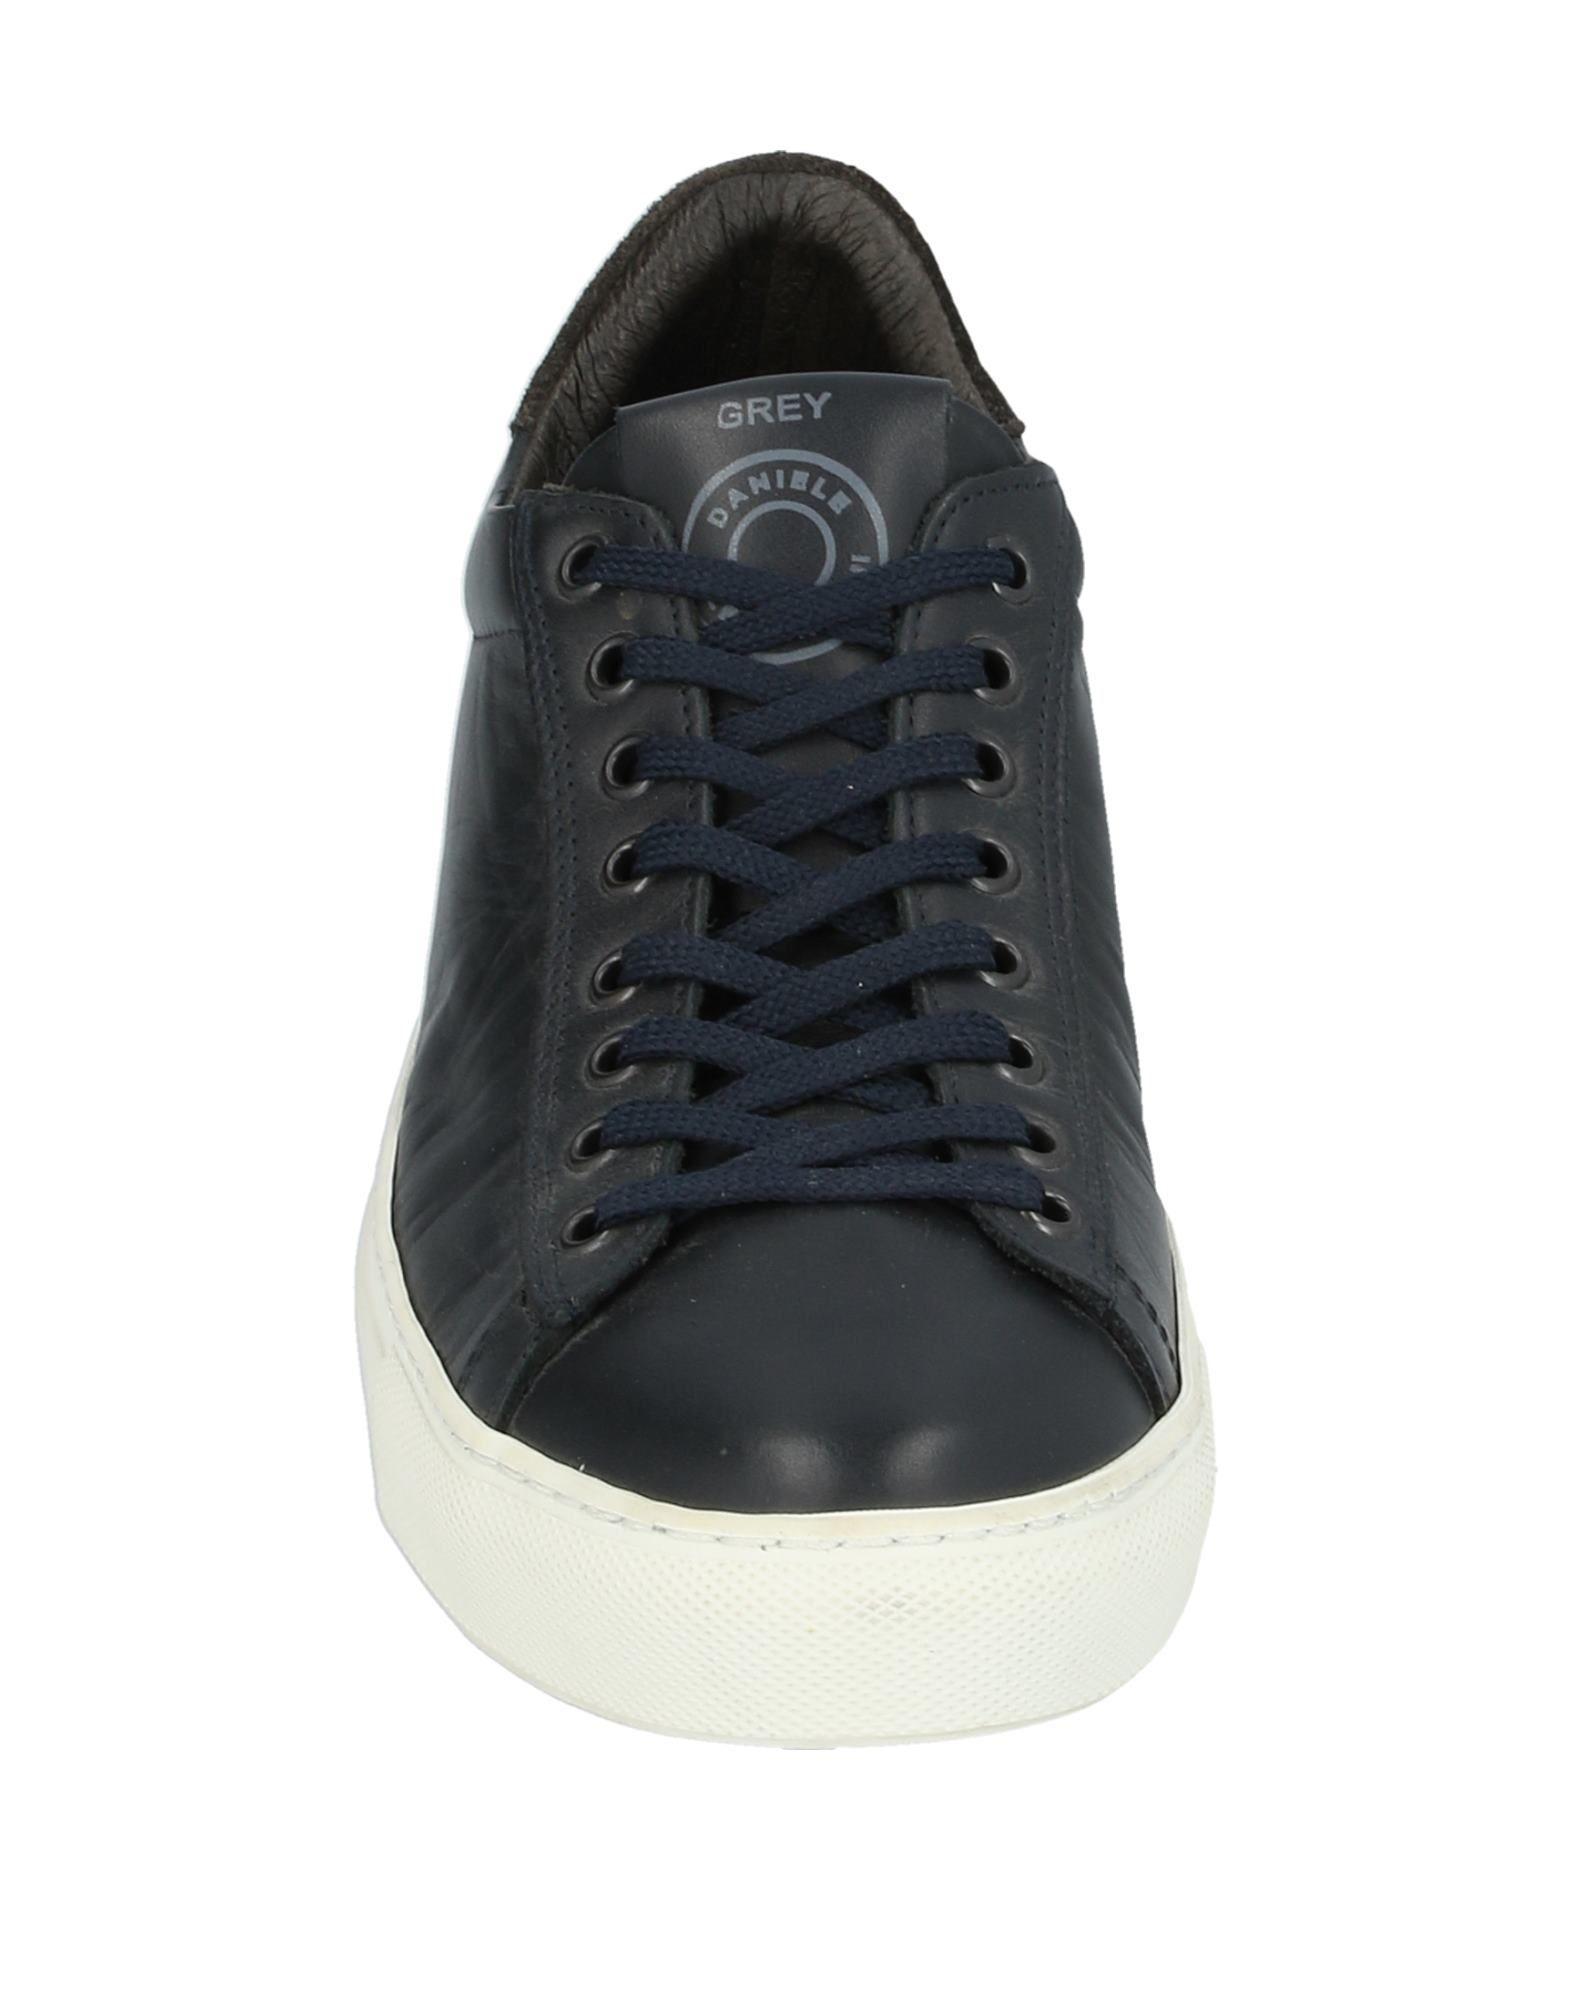 Sneakers & Deportivas Grey Daniele Alessandrini de Ante de color Azul para hombre